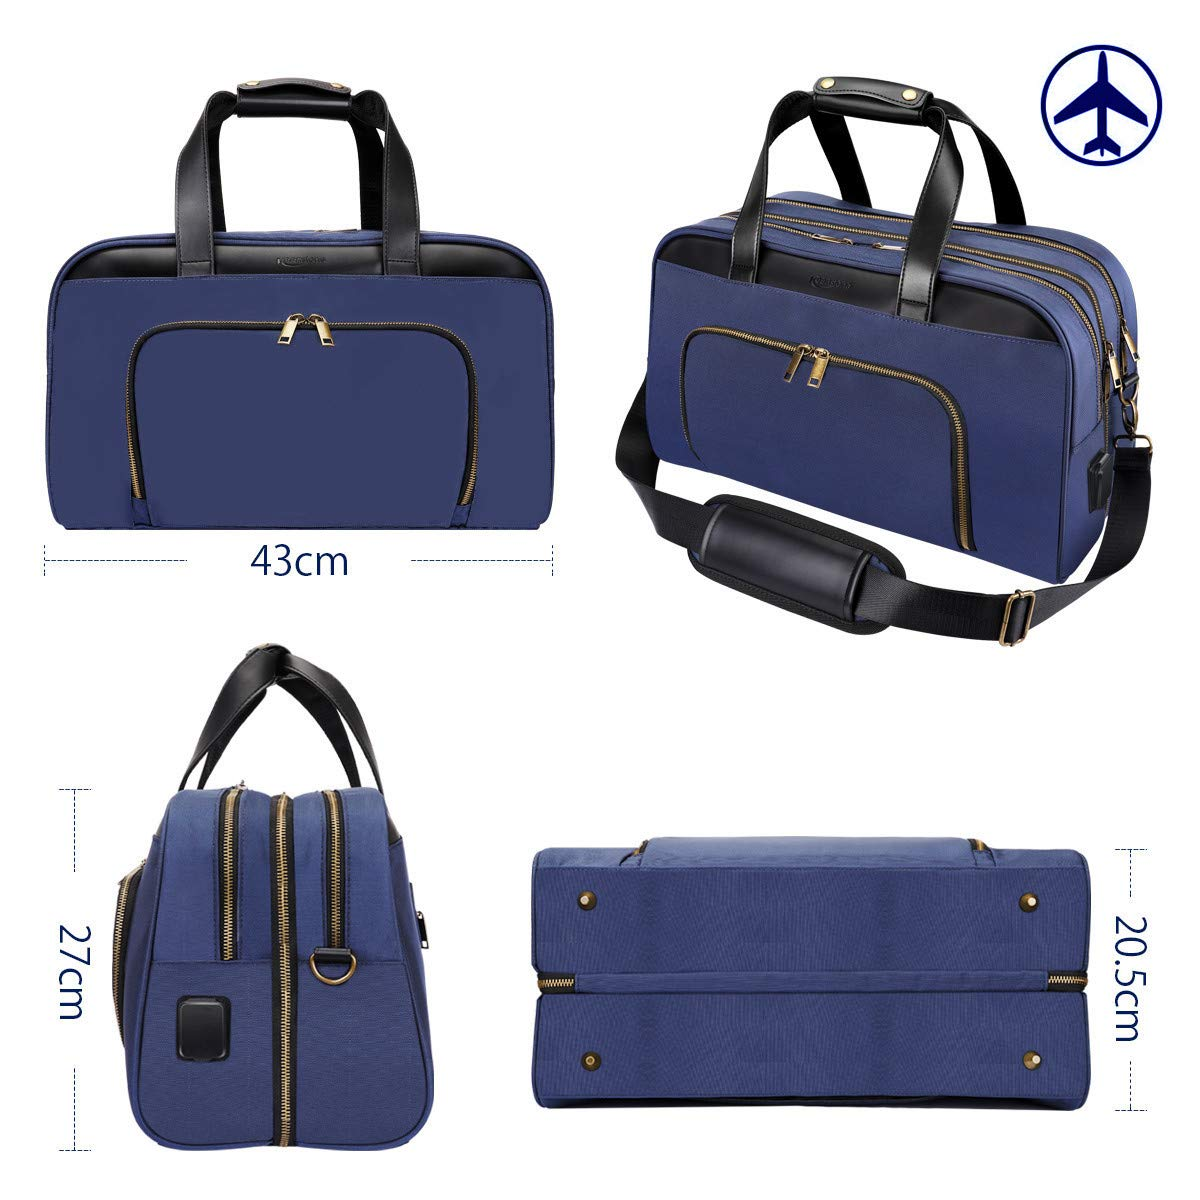 Keenstone Travel Bag 35L wasserdicht mit USB-Business-Tasche Pendler Schulreisen Geschäftsreisen PC-kompatibel (Blau)